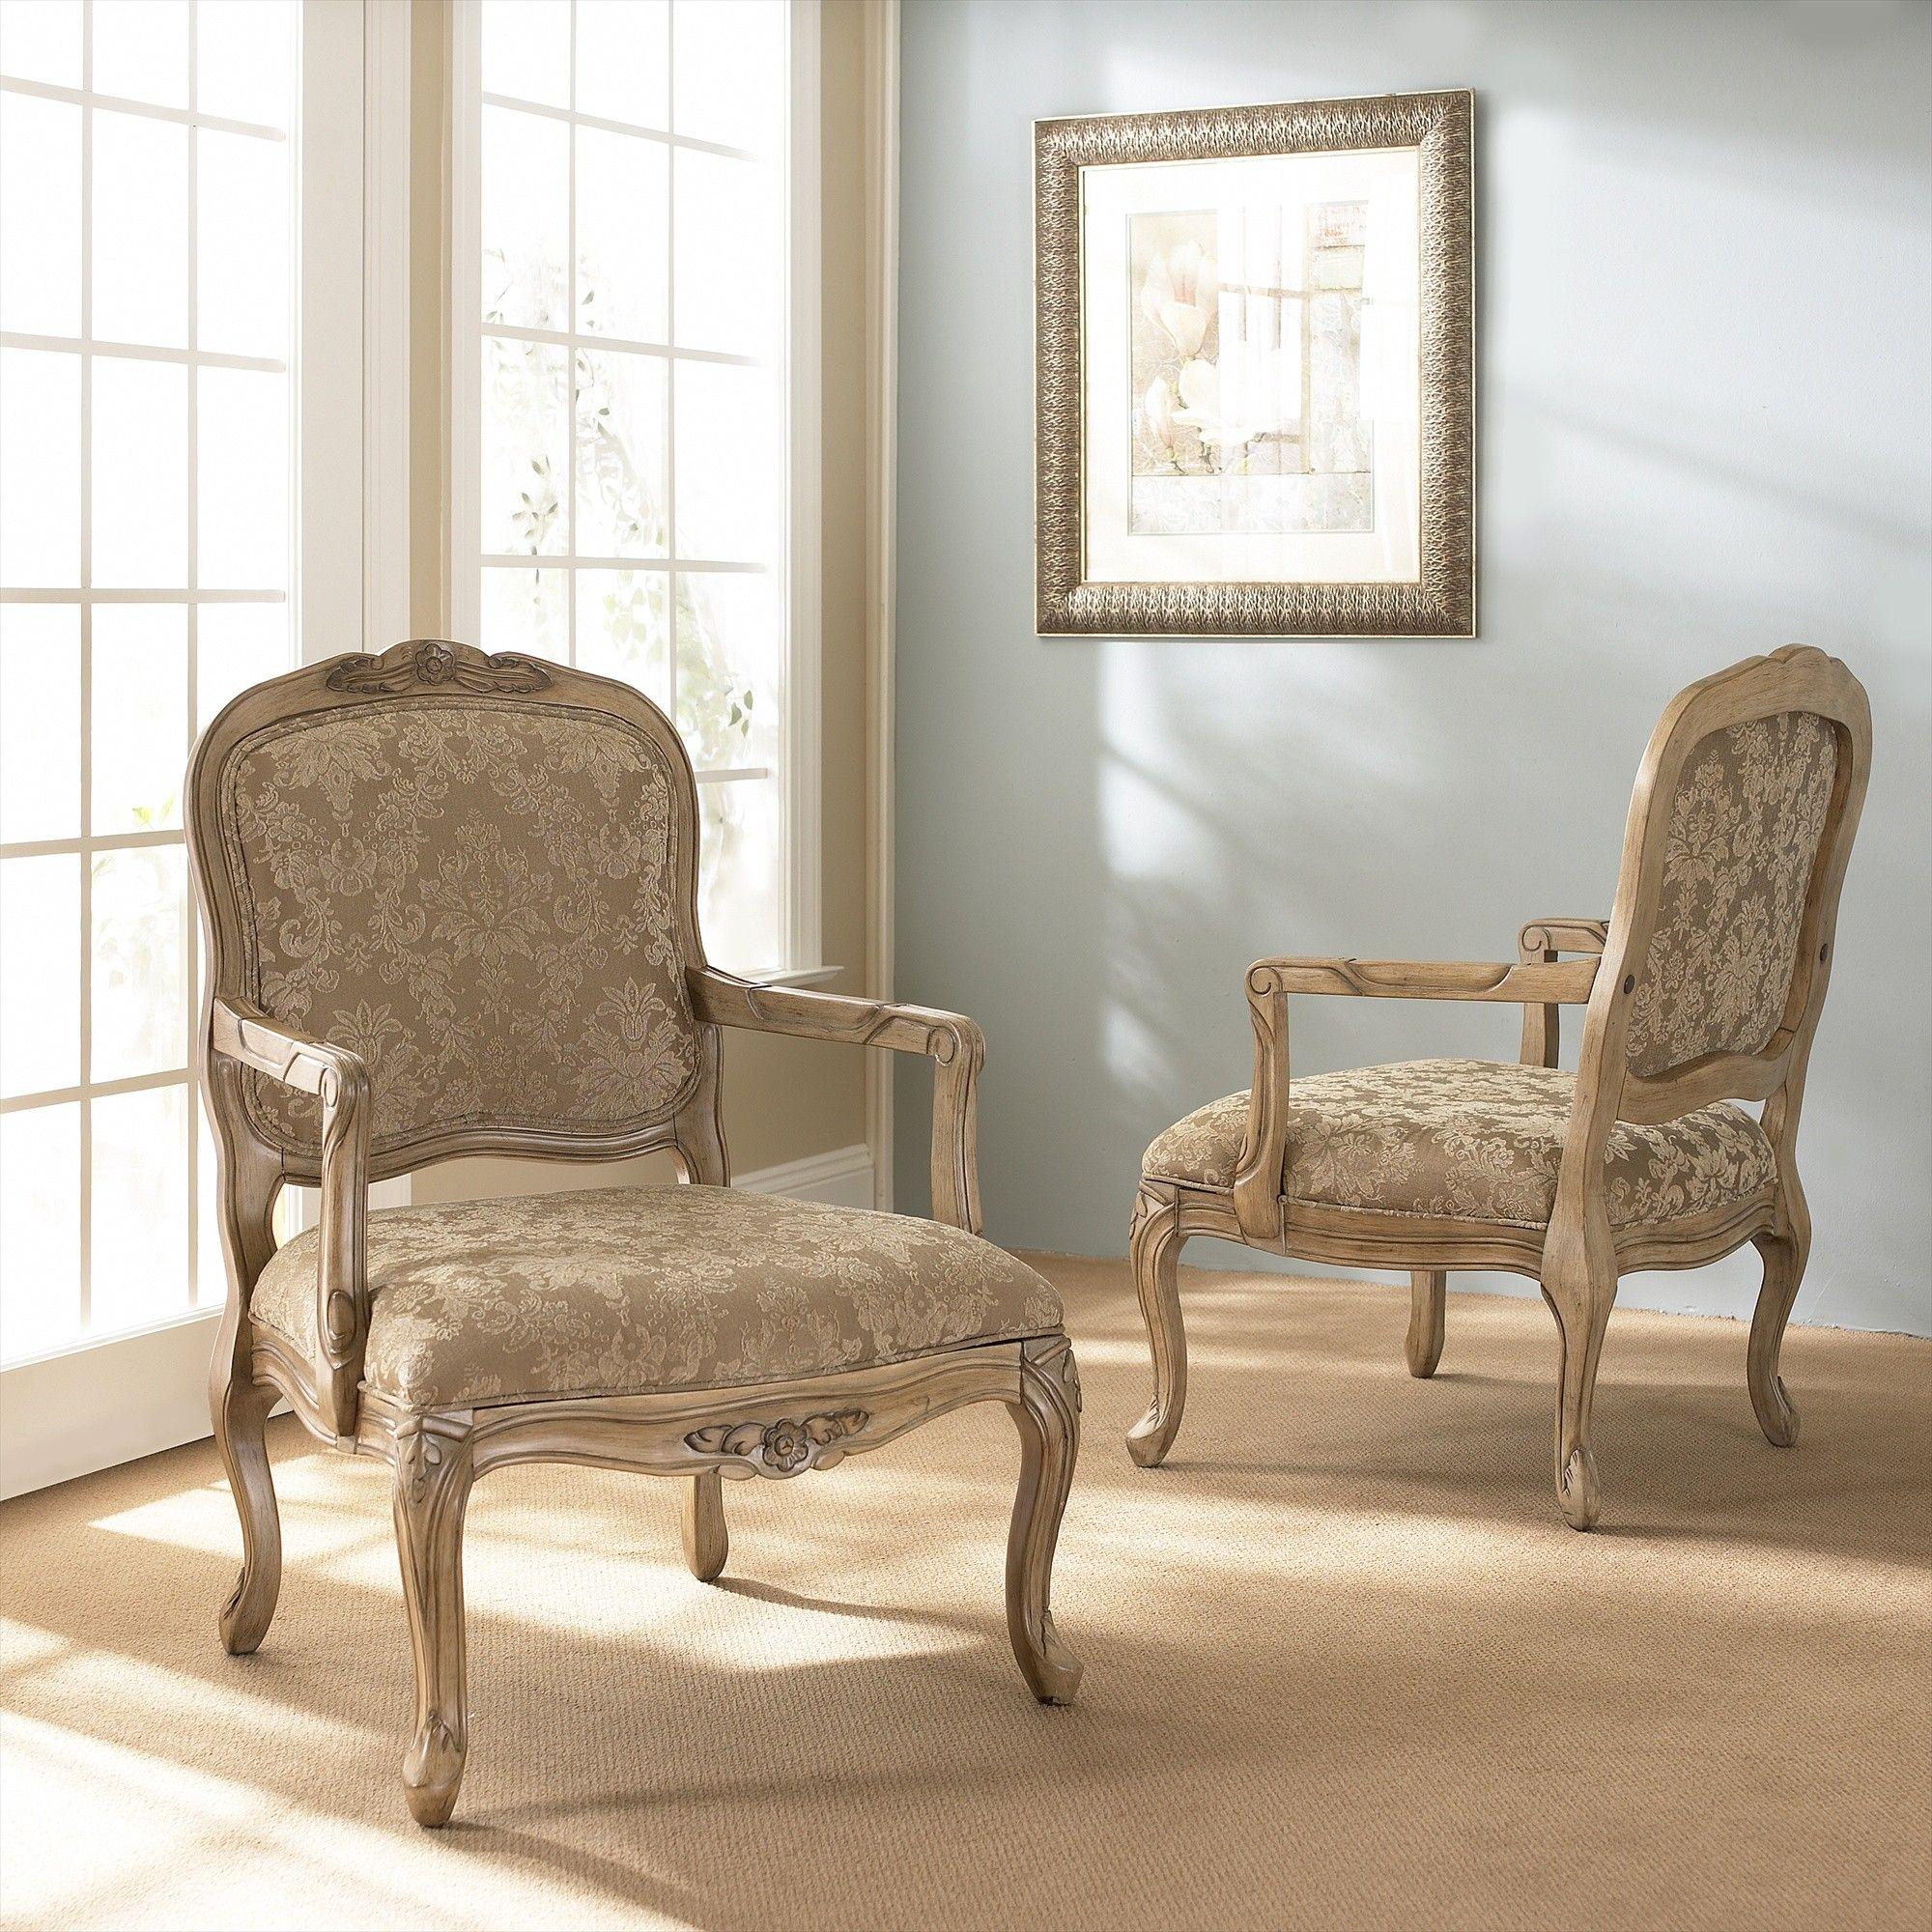 Stile Von Wohnzimmer Stühle   Stühle   Pinterest   Wohnzimmer stühle ...